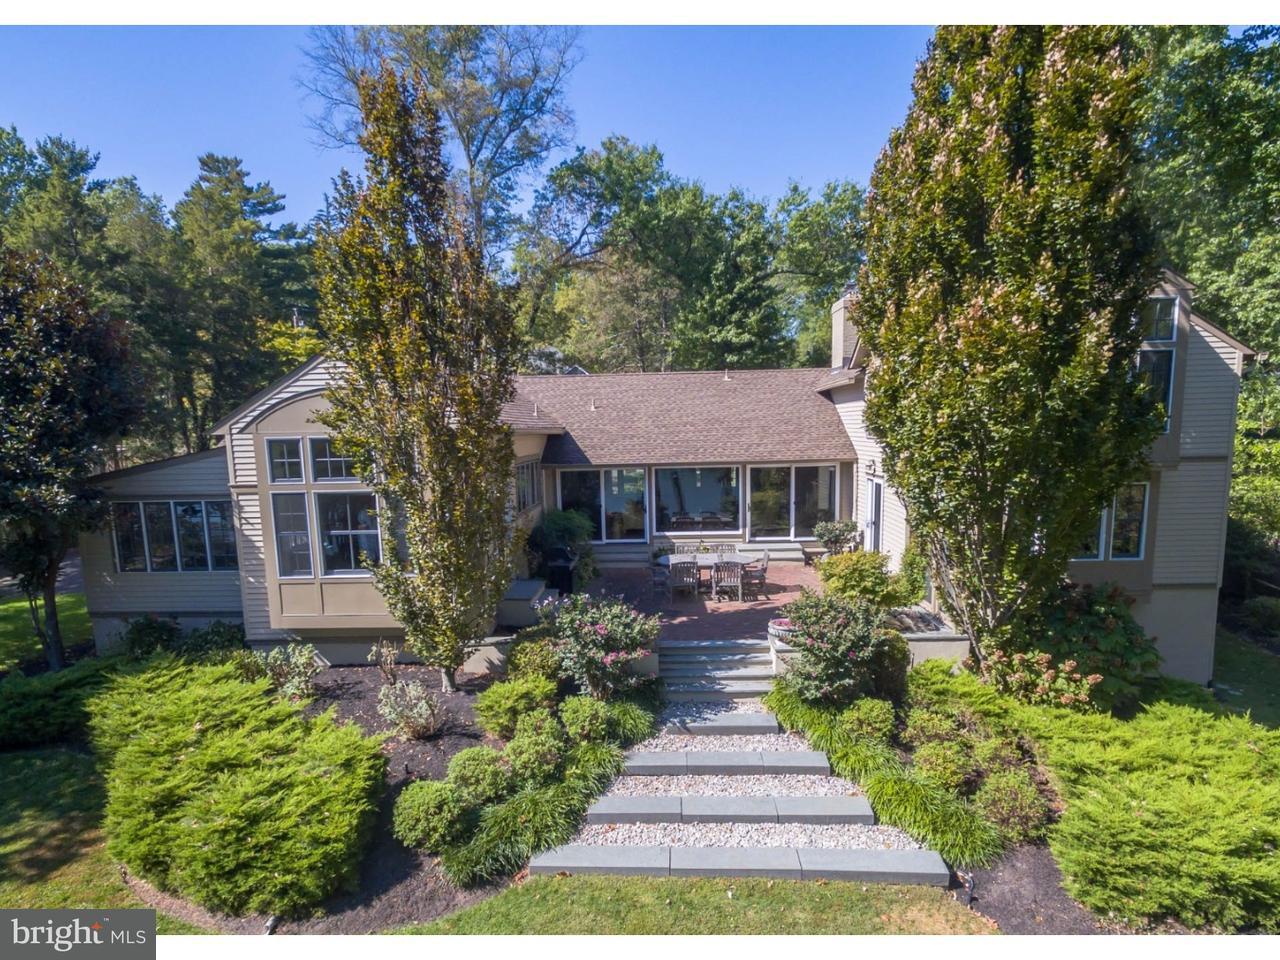 단독 가정 주택 용 매매 에 551 LAKE Drive Princeton, 뉴저지 08540 미국에서/약: Princeton